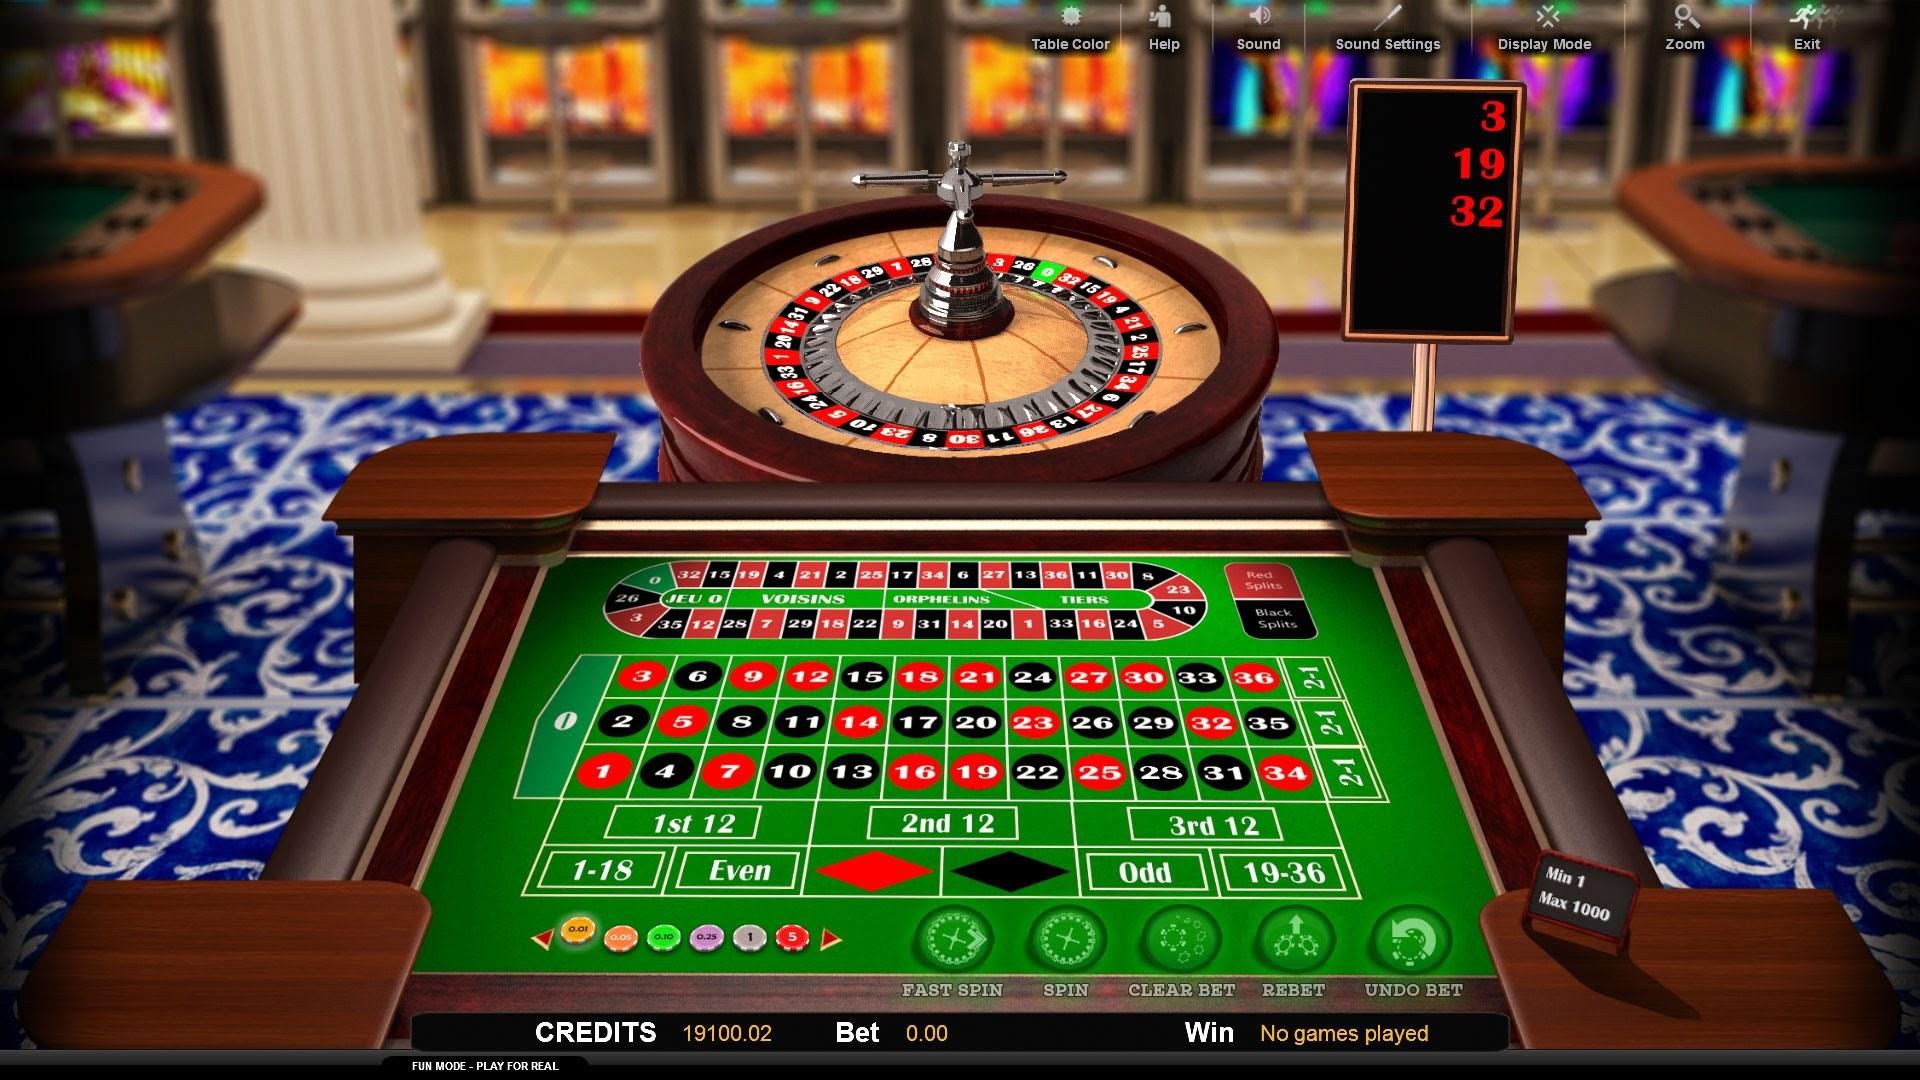 Casino access denied